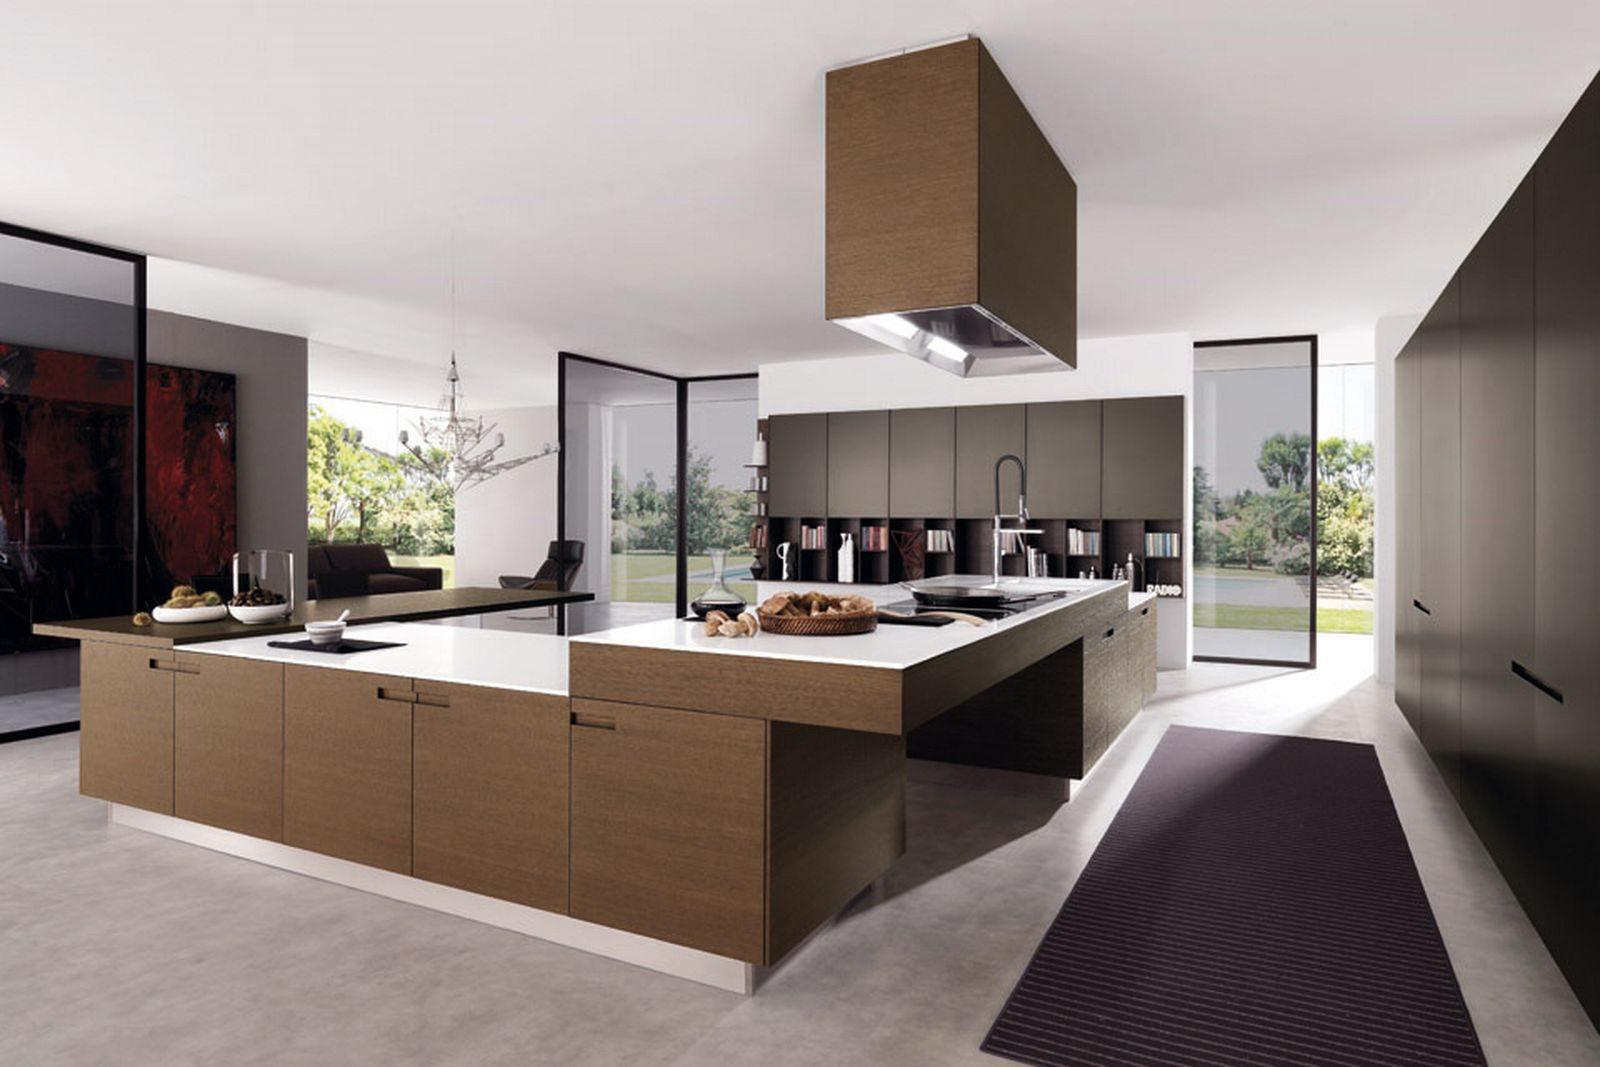 Galería de imágenes: Muebles de cocina modernos sin tiradores